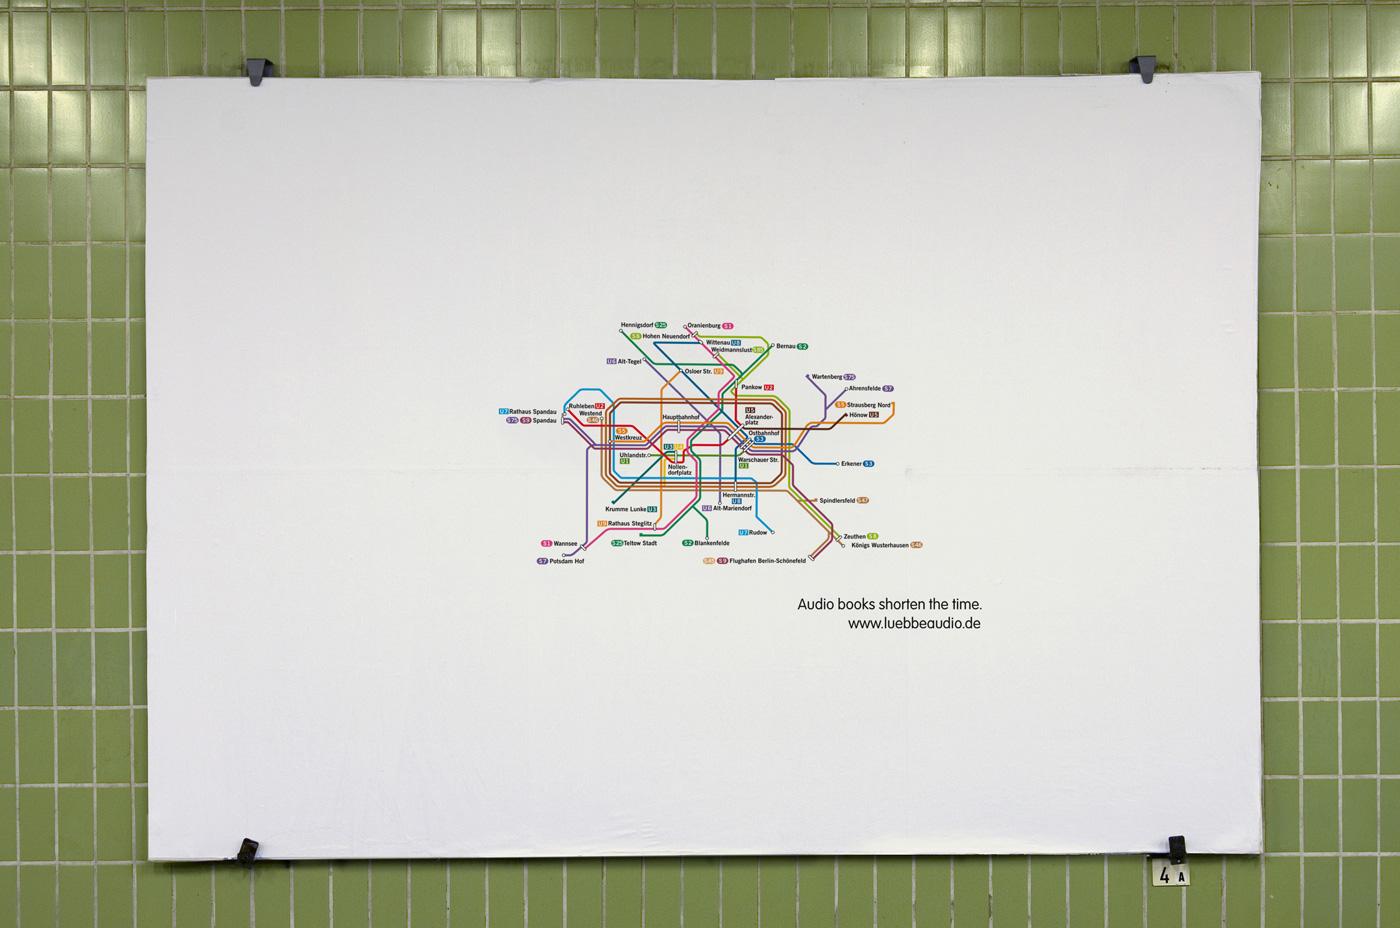 Агентство Serviceplan Munich / Hamburg (Германия) рекламирует аудио-книги, показывая уменьшенные схемы метро.